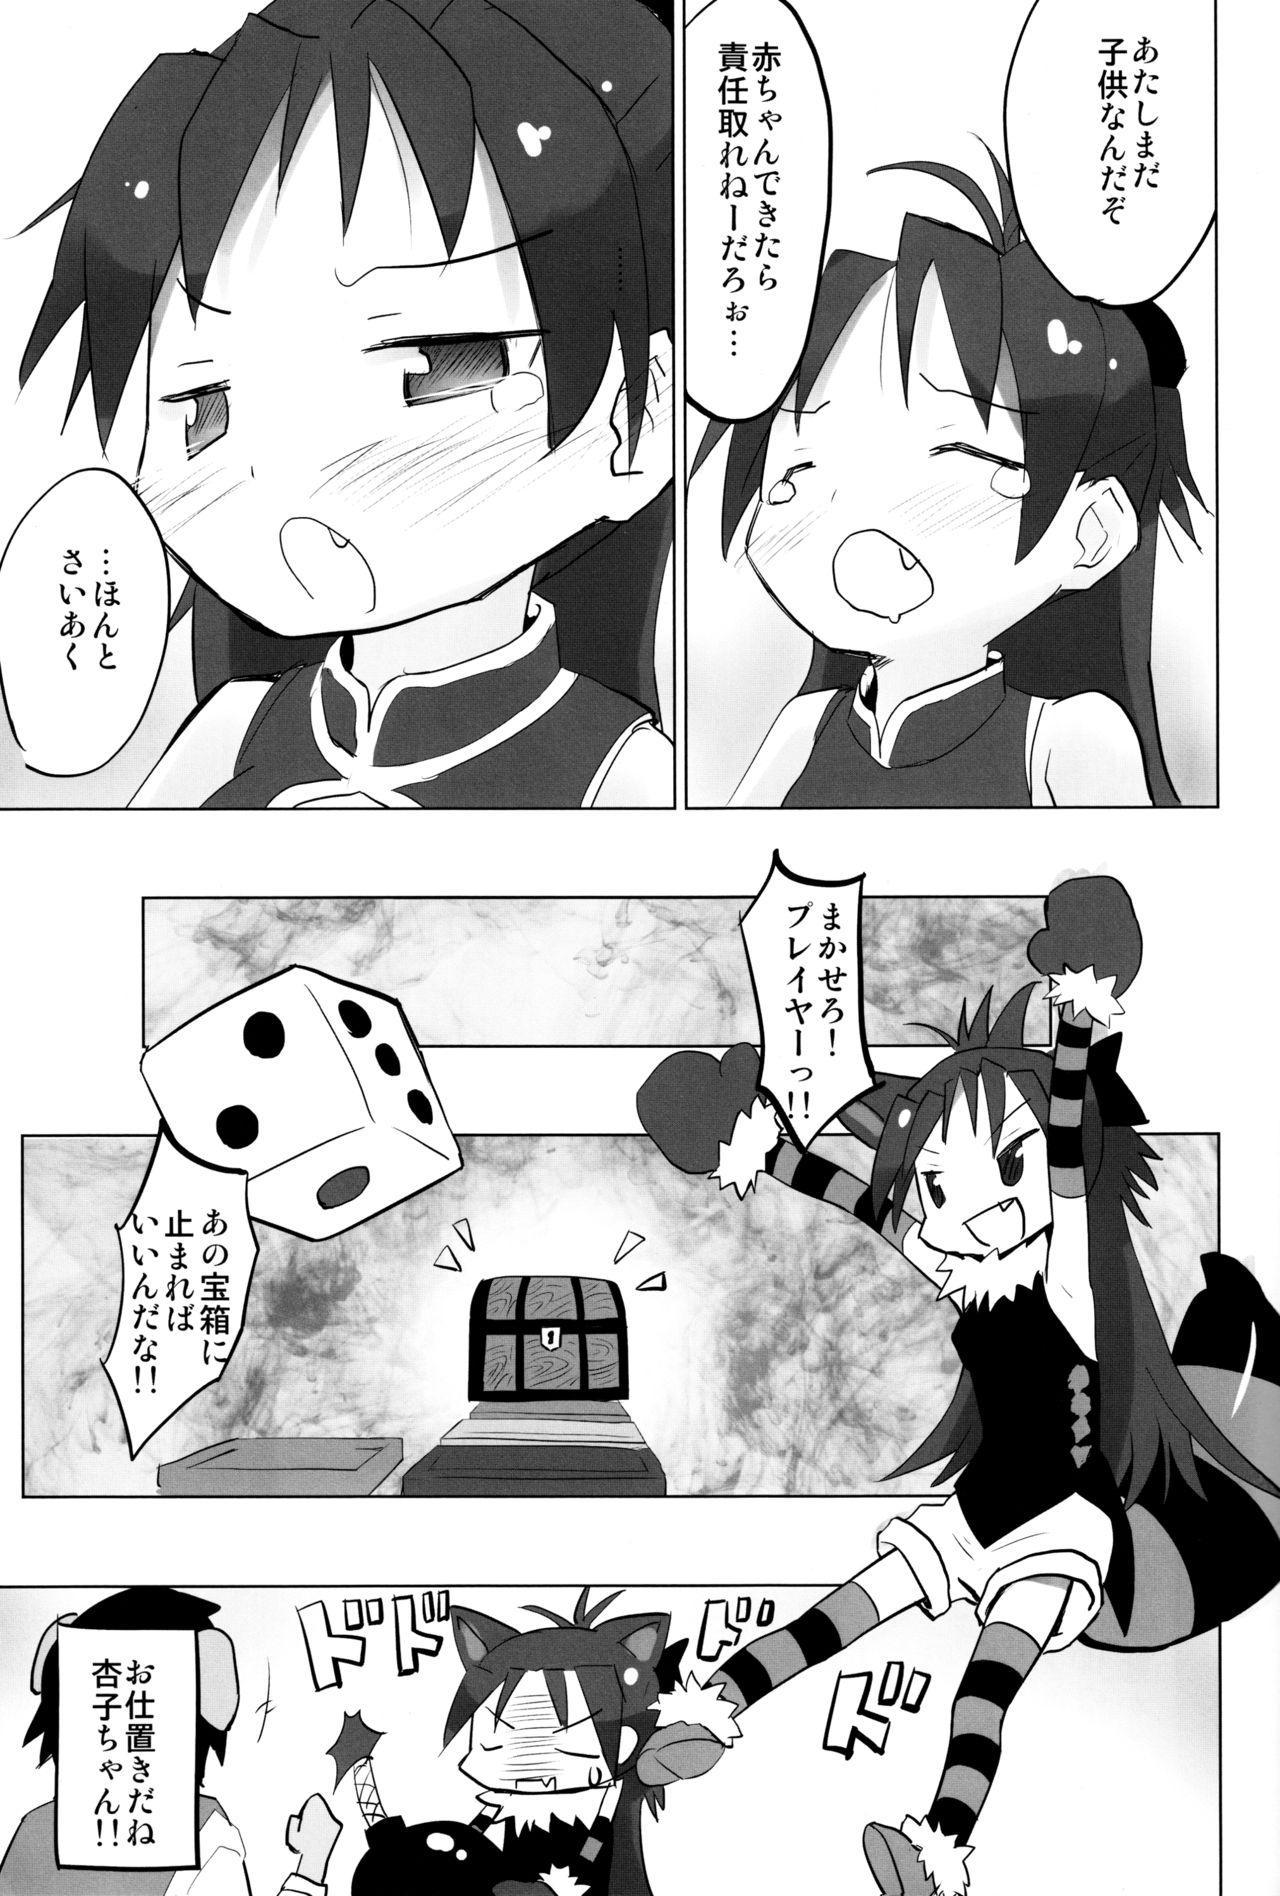 MadoOn no Sekai dato Ossan wa Mahou Shoujo de Sunao na Kyouko-chan o Tsuremawashite Zaiakukan Bokki 13